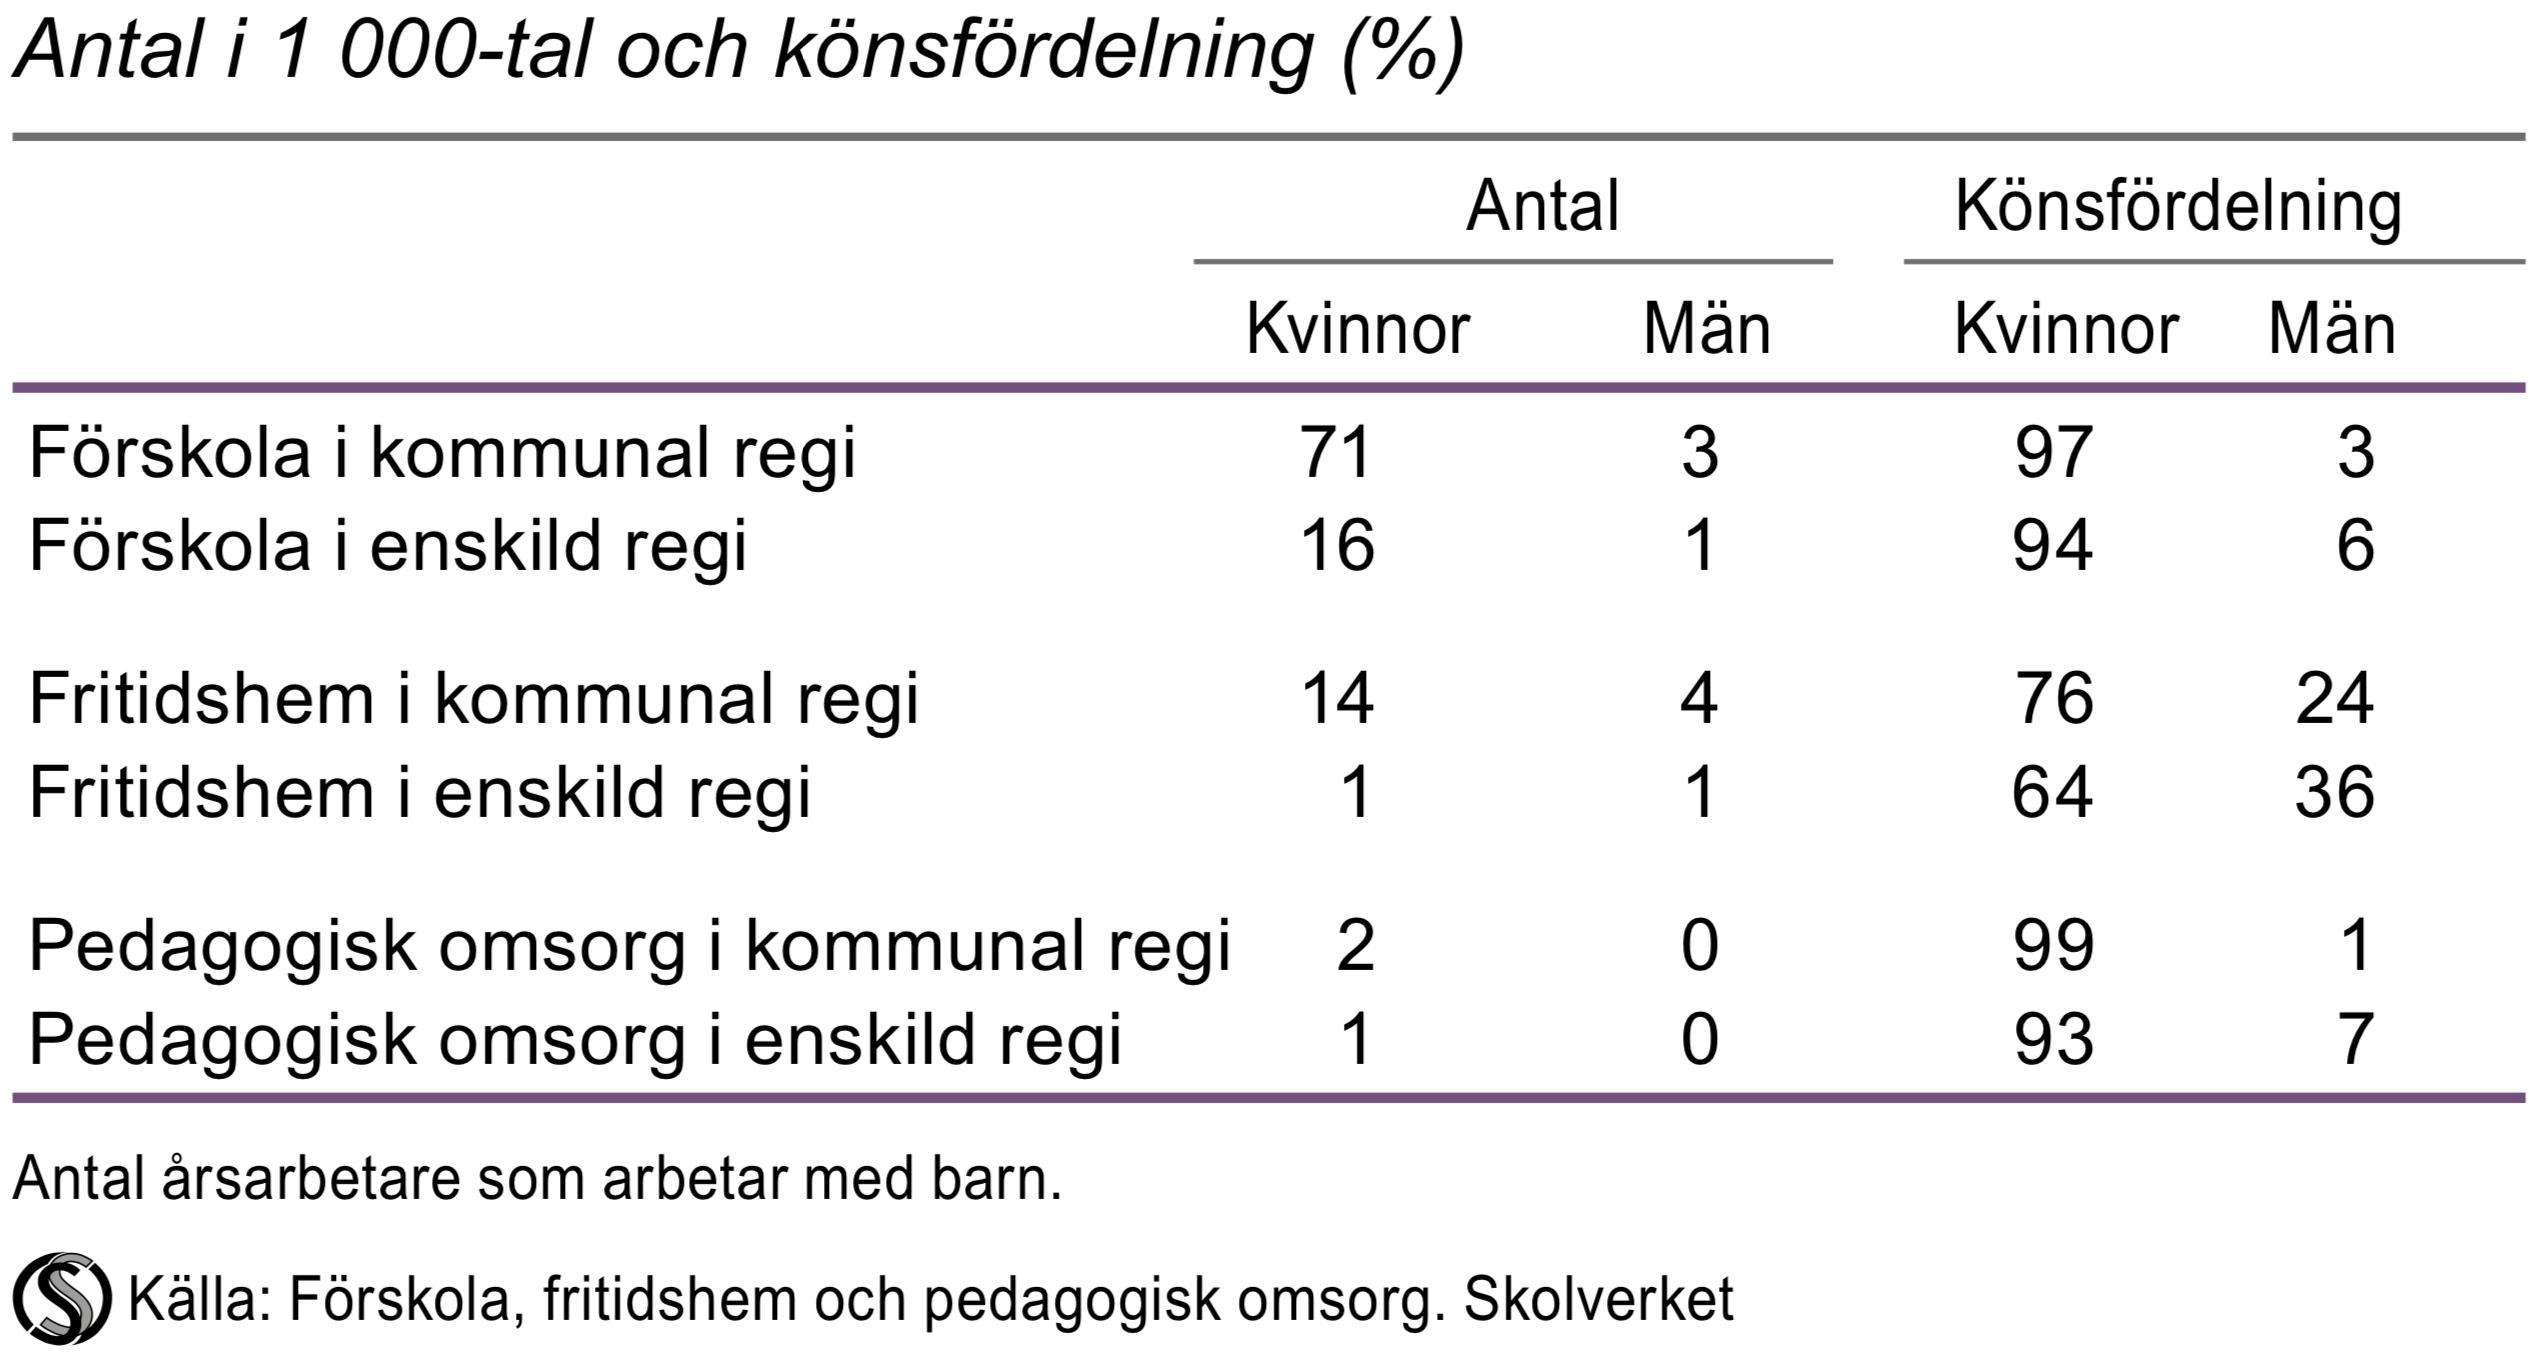 Personal i förskola, fritidshem och pedagogisk omsorg efter huvudman 2014